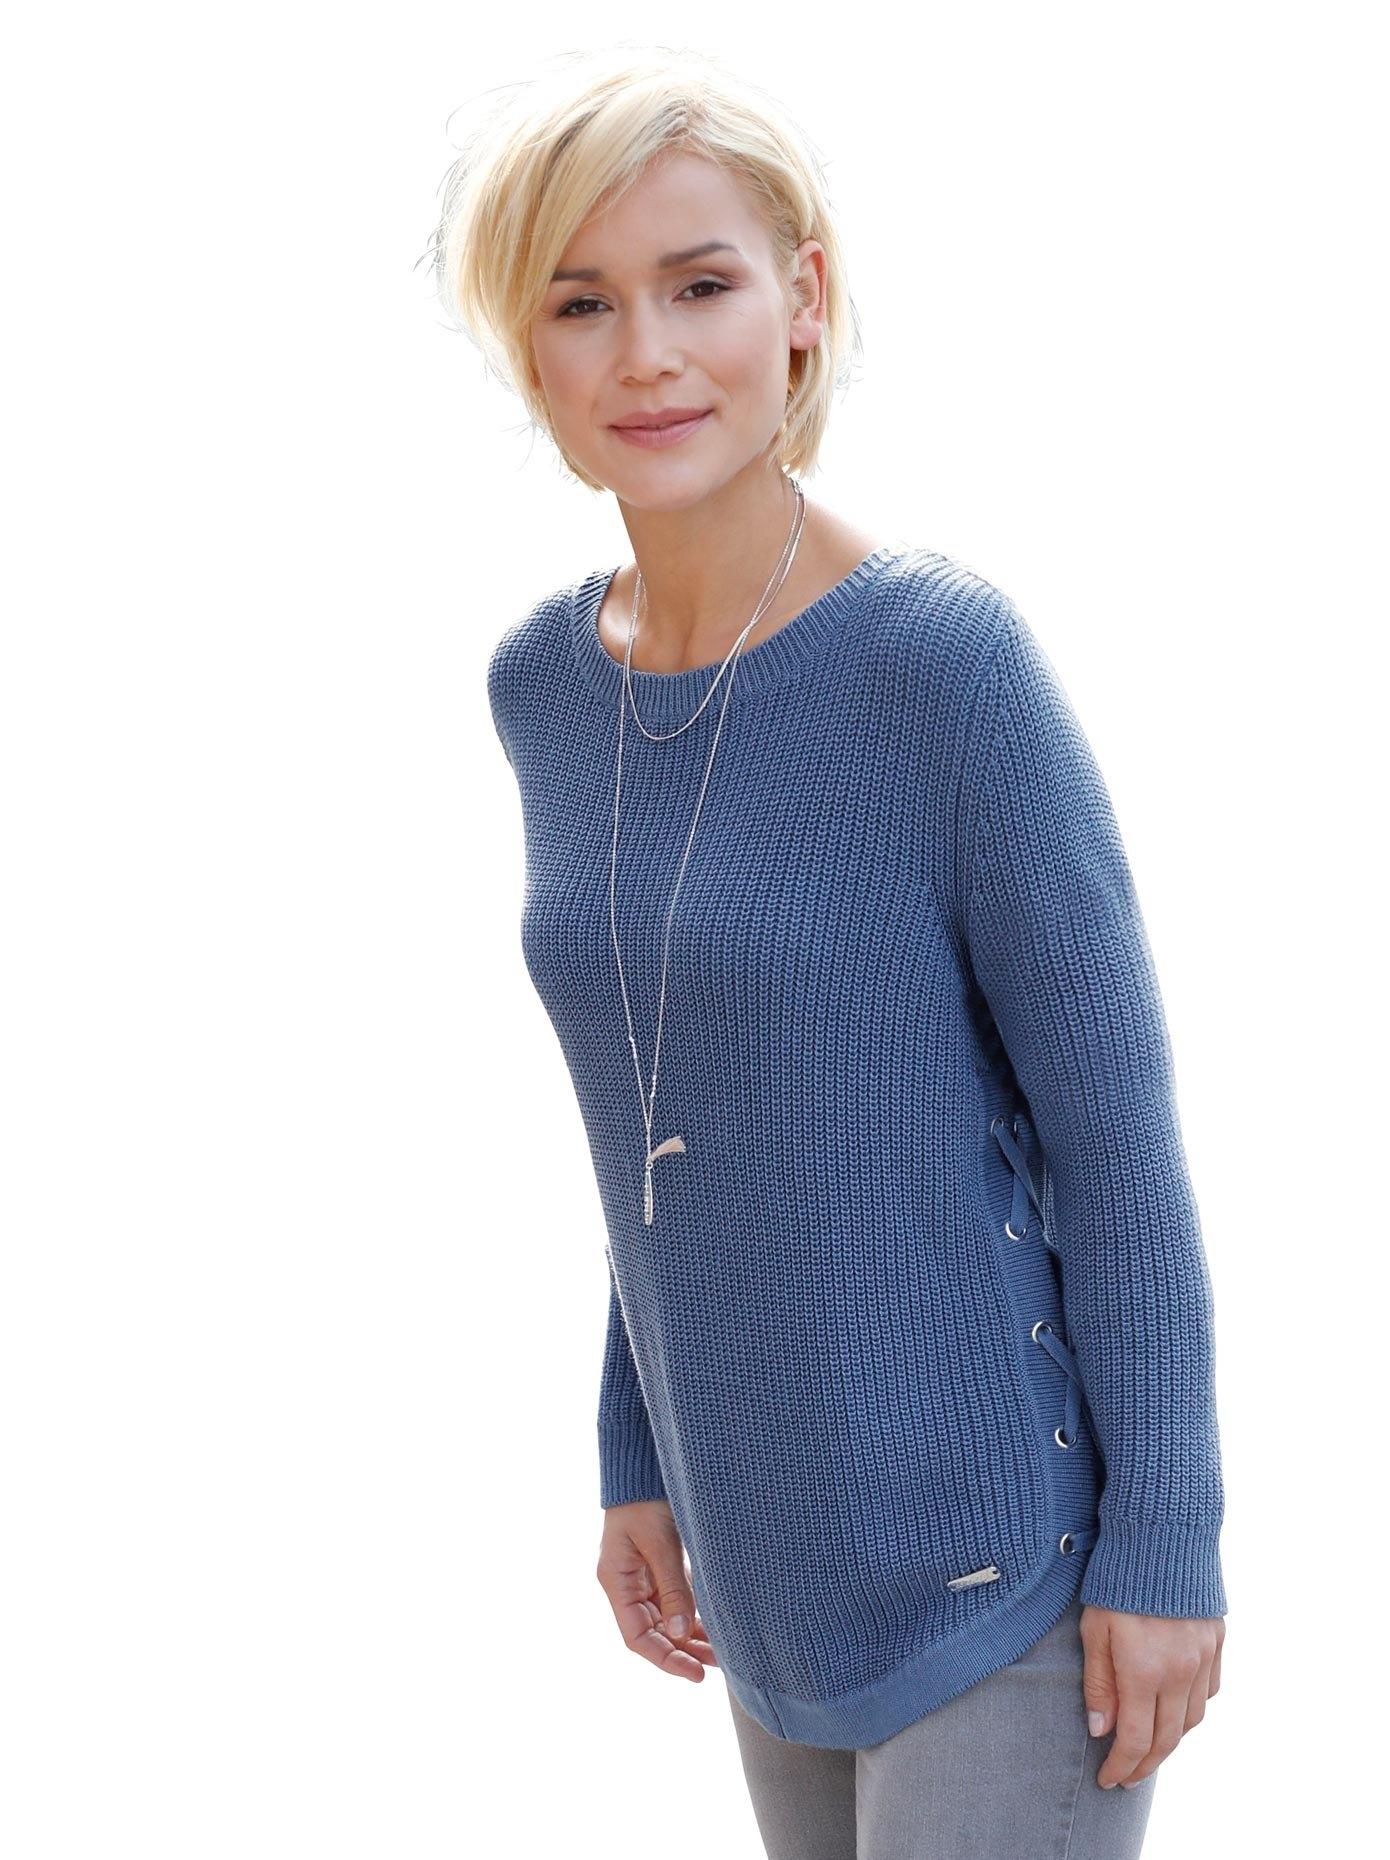 Op zoek naar een Casual Looks trui met ronde hals Trui? Koop online bij OTTO